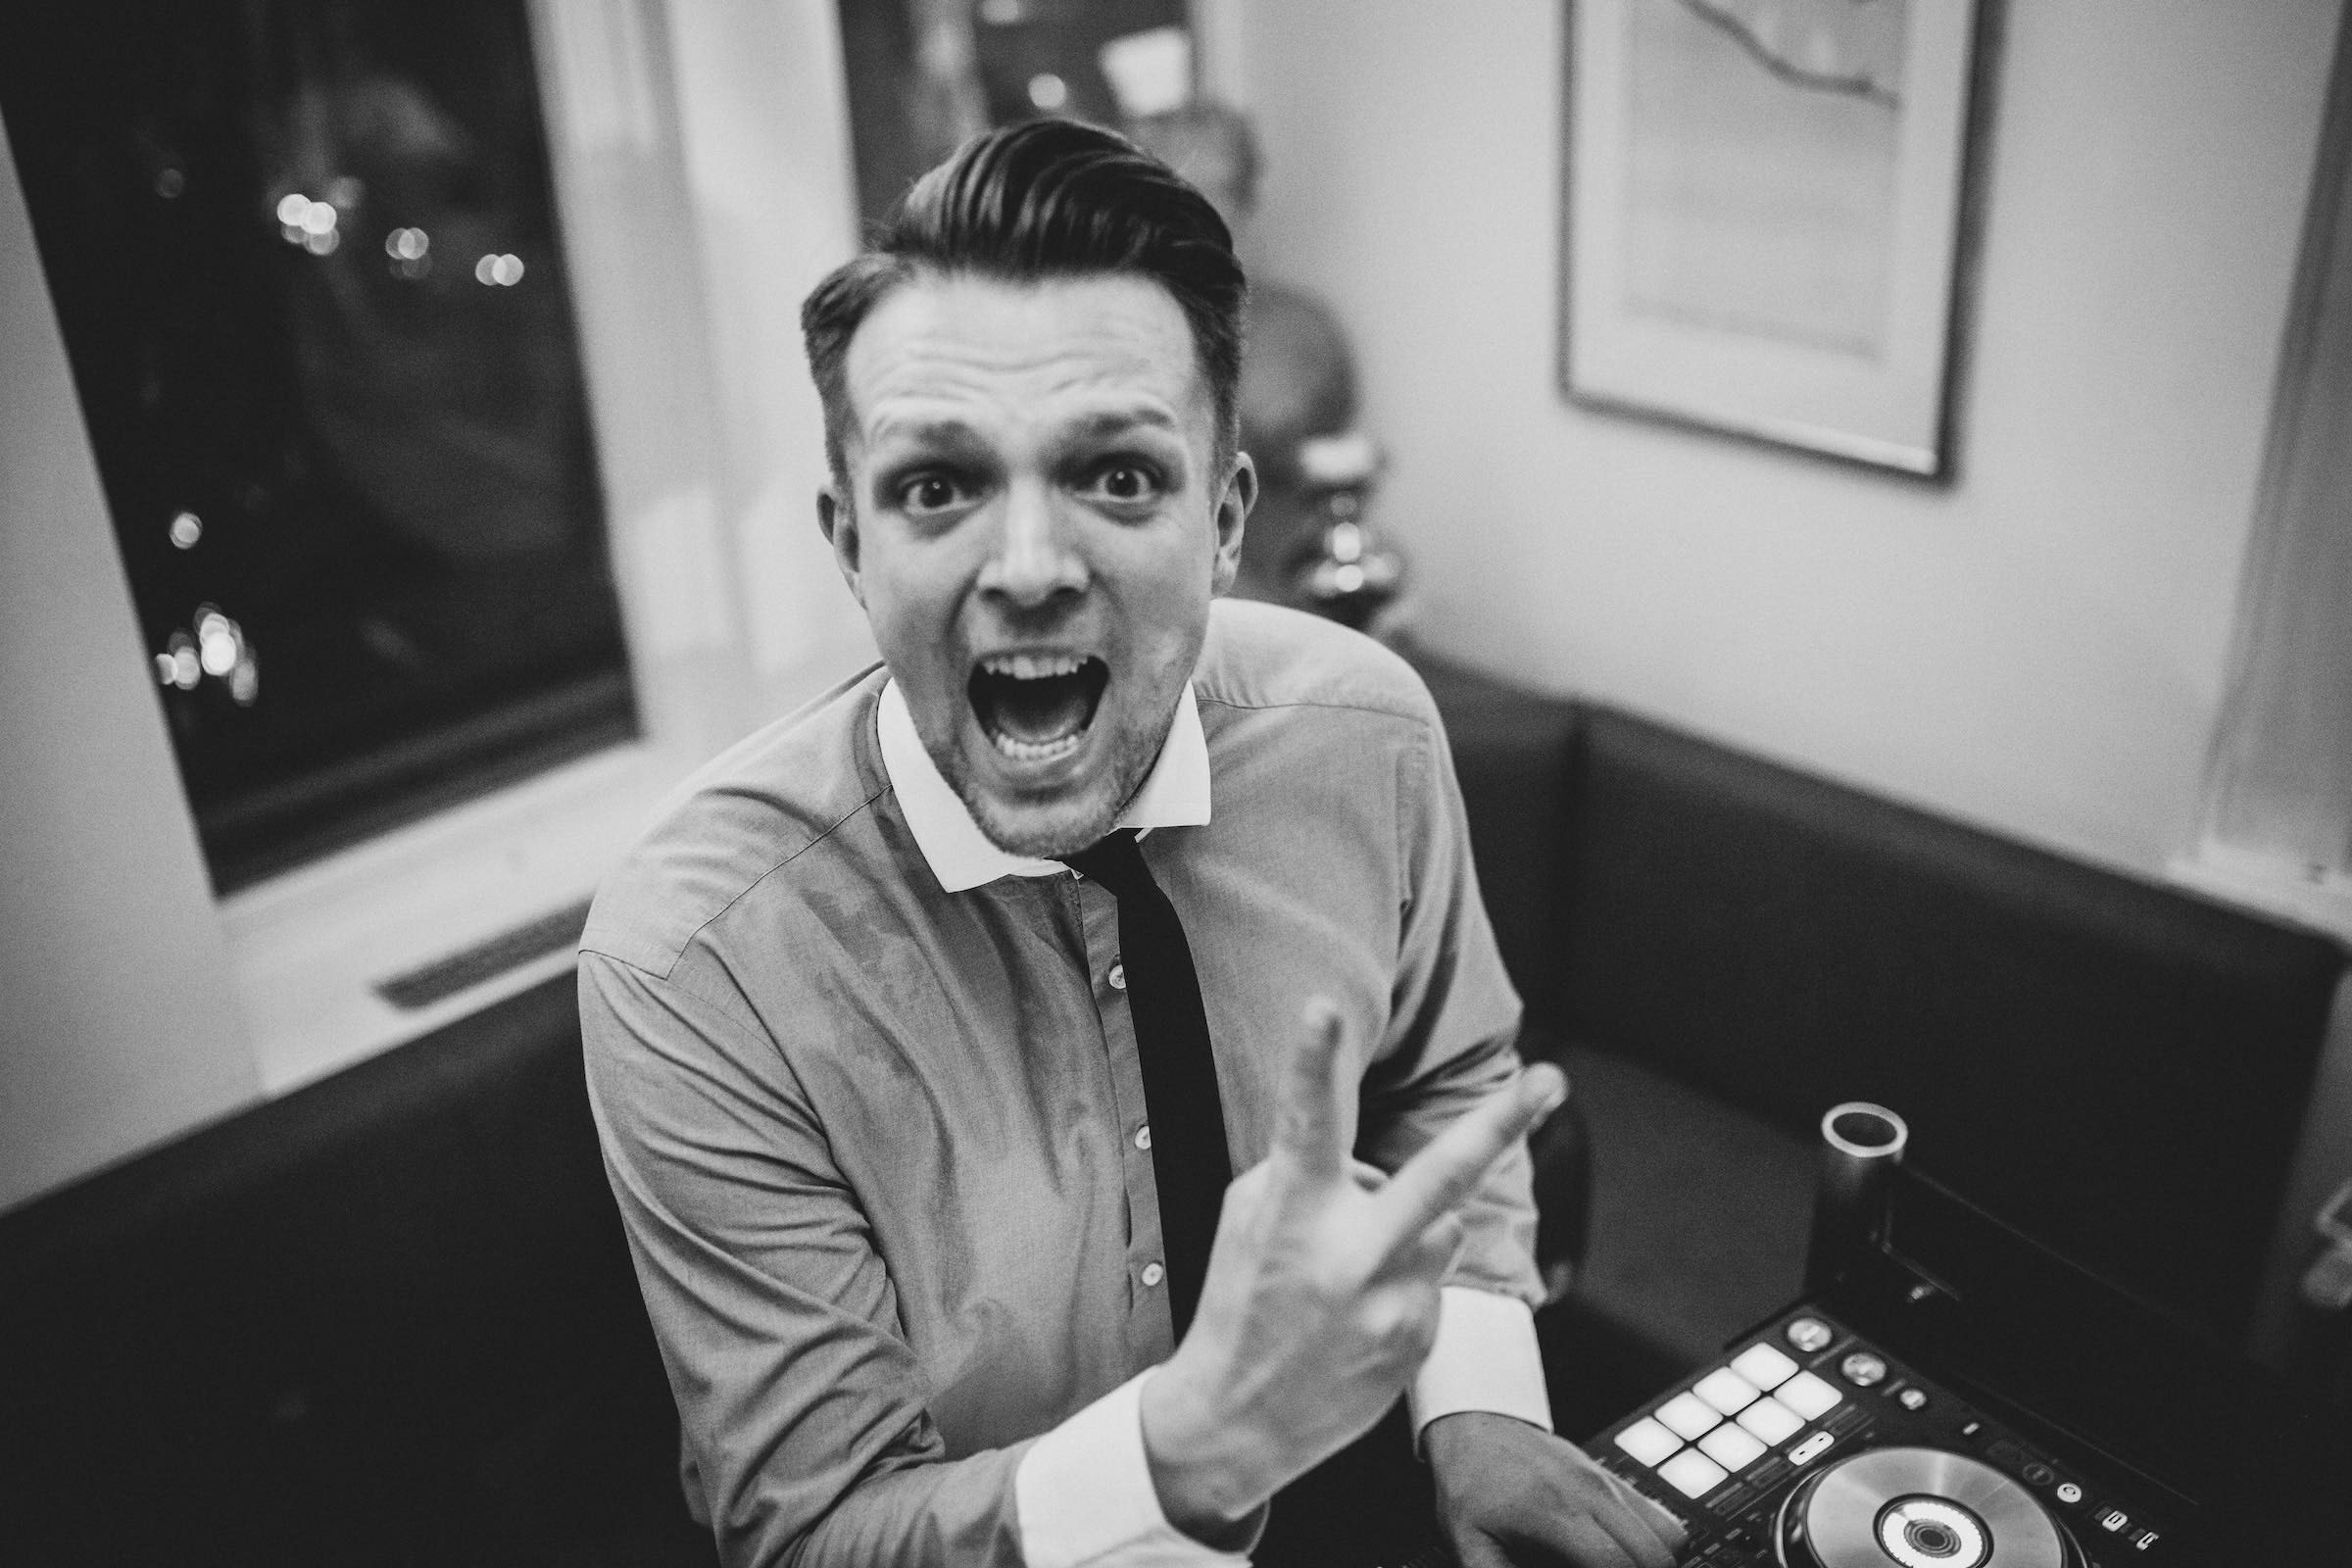 Hochzeits | DJ | Buchen | DJ | Hochzeit | DJ | Geburtstag | DJ | Firmenfeier | DJ | Buchen | Discjockey | Mieten | DJ | Agentur | DJ | Buchen | Mieten | Timm | Lehmann | Eventservice